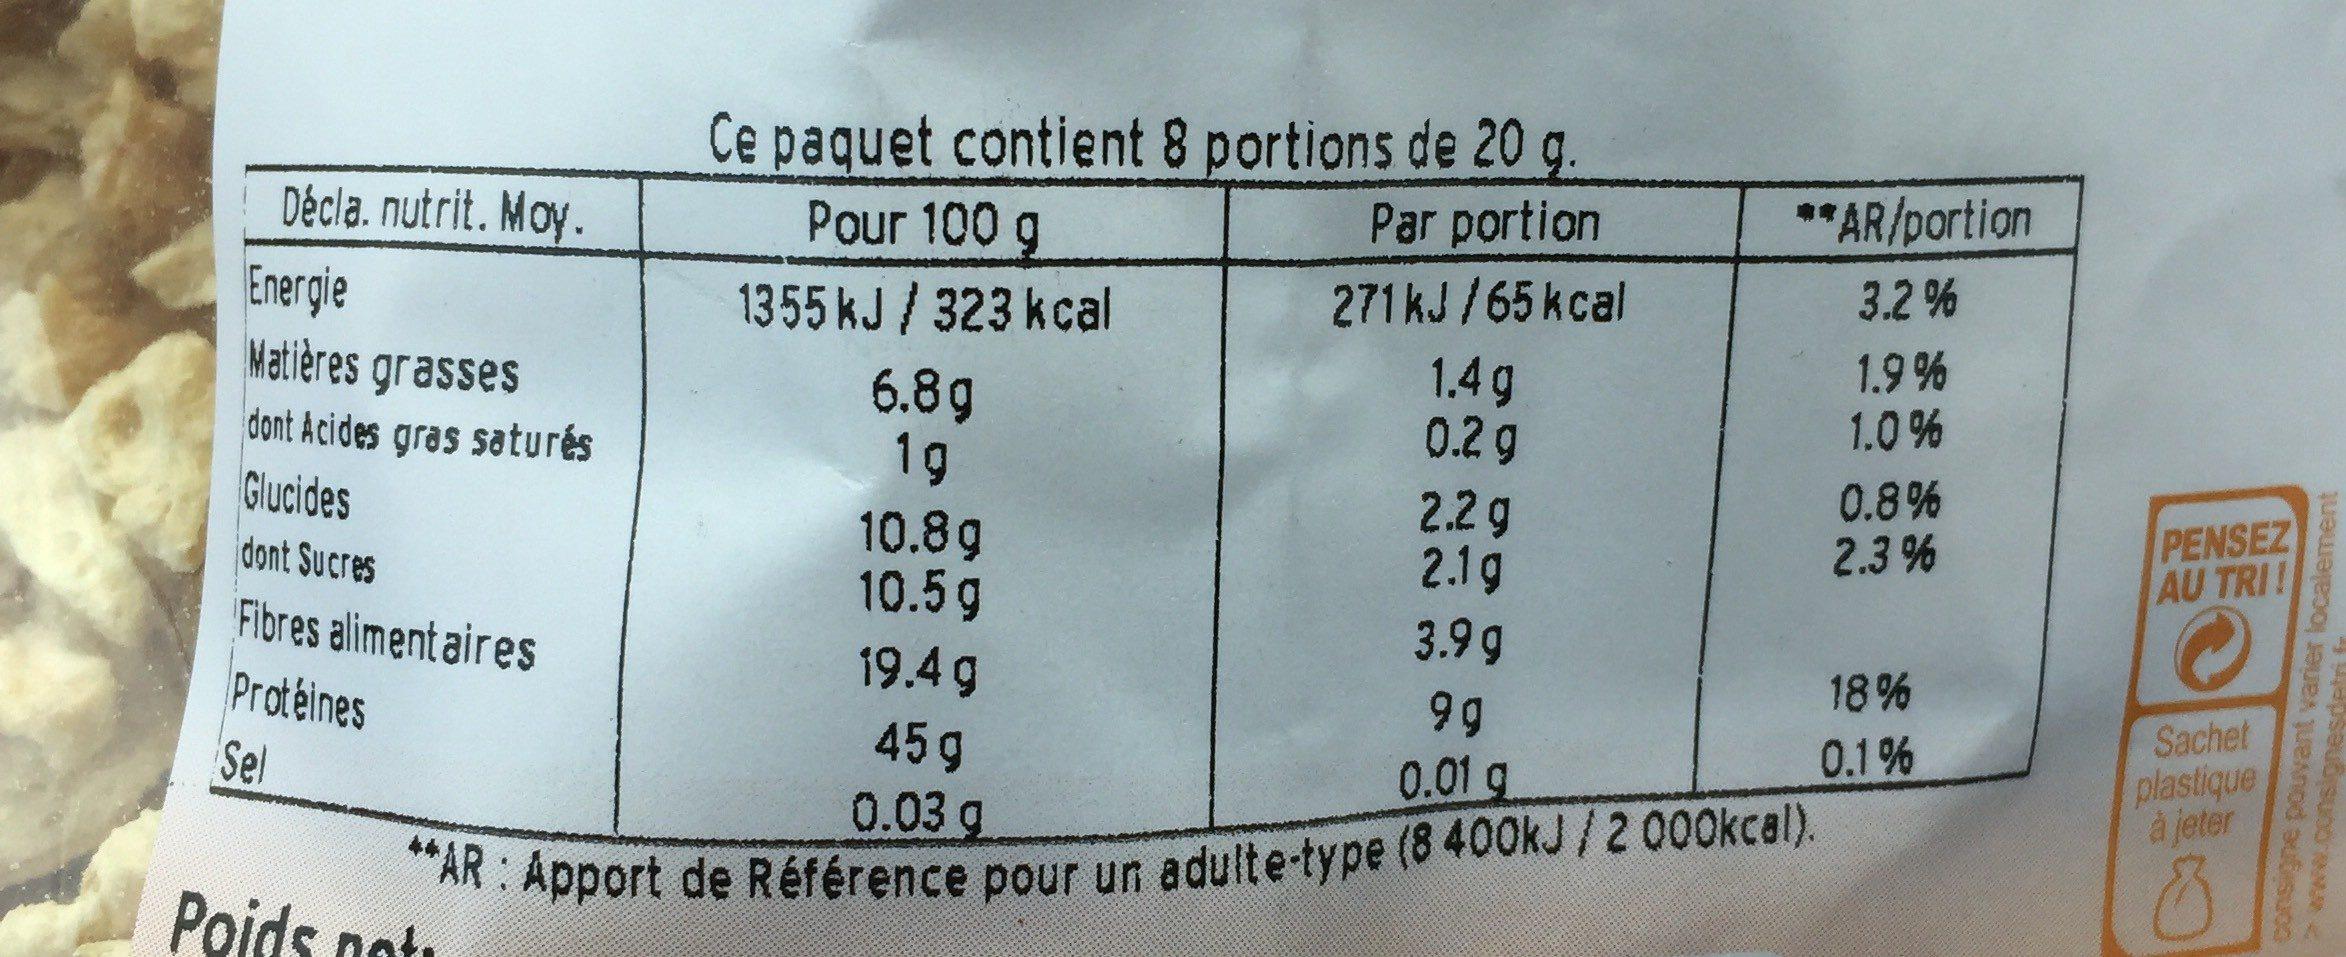 Protéines de soja petits morceaux - Informations nutritionnelles - fr